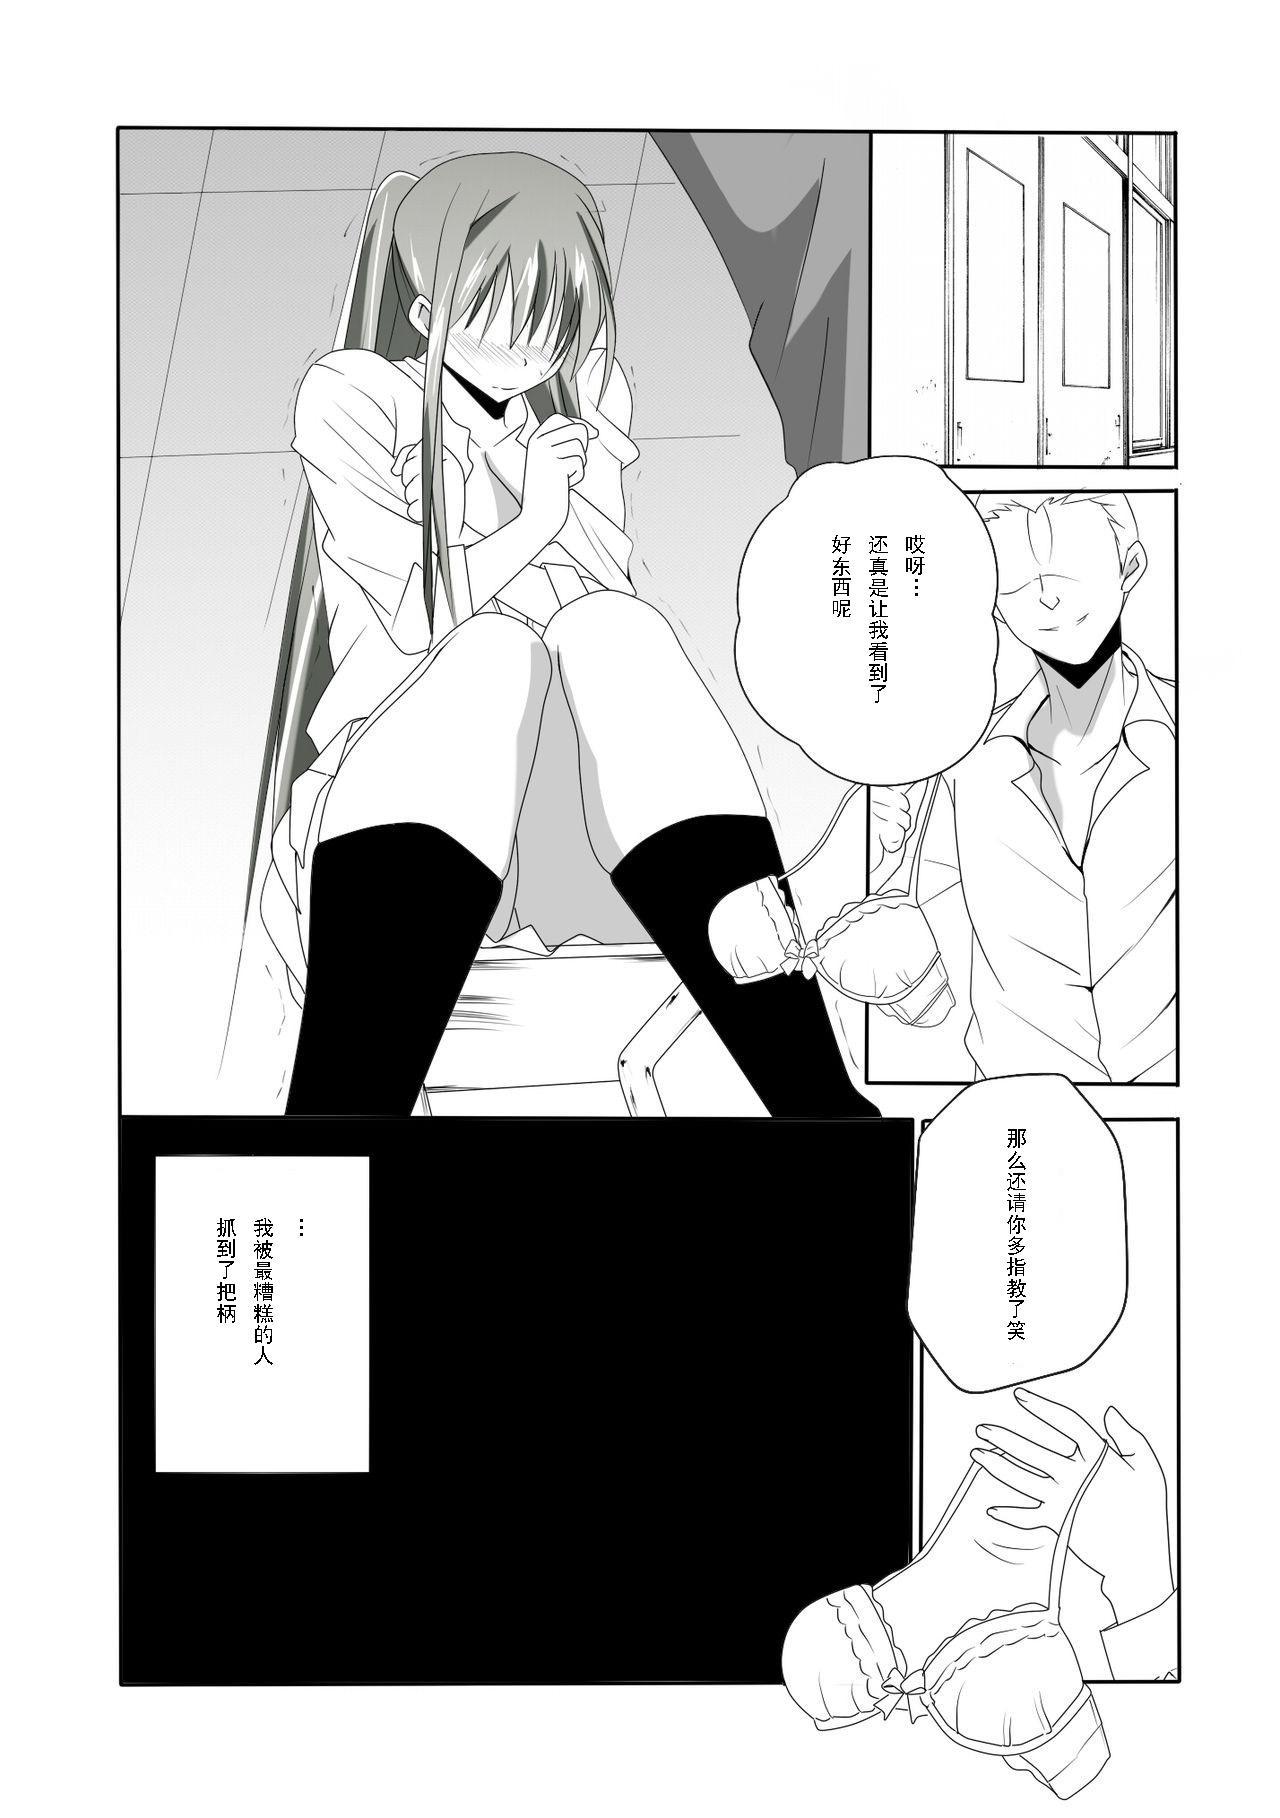 Koibito ga Shiranai Aida ni Netoraremashita 6